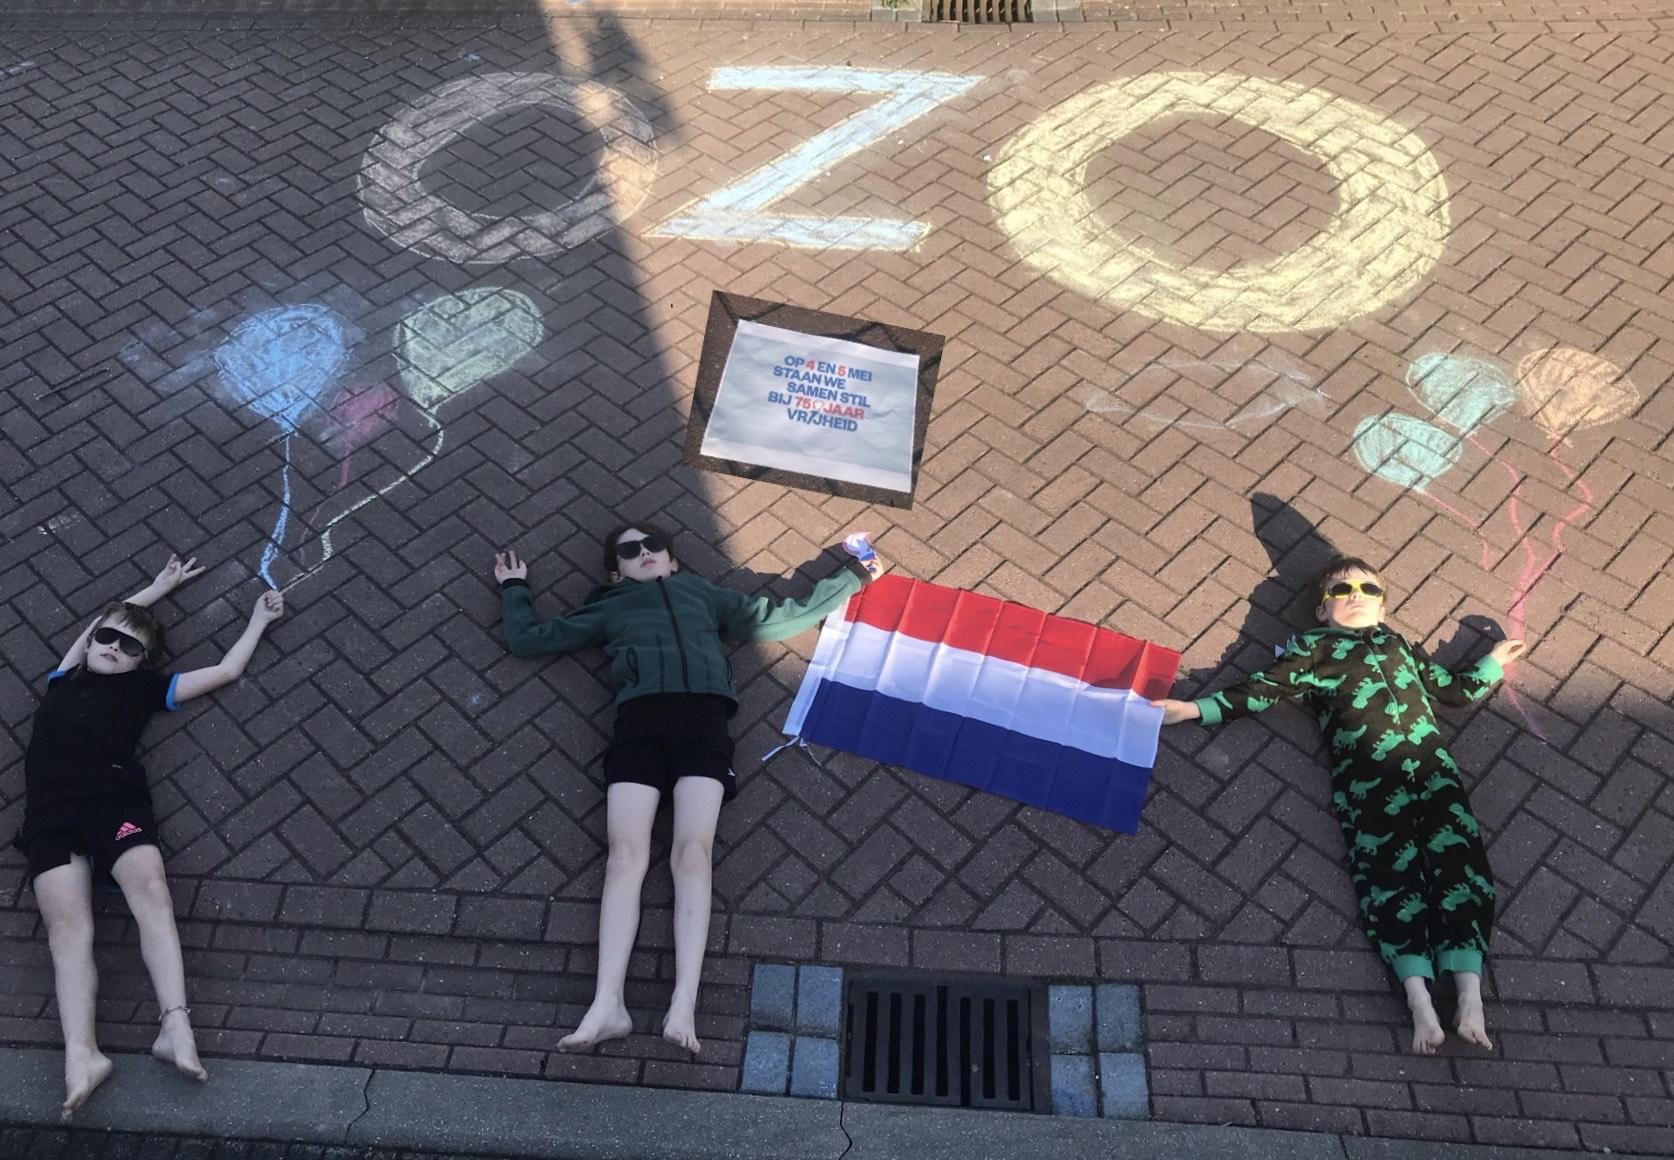 Fotowedstrijd Over Vrijheid In Dreumel